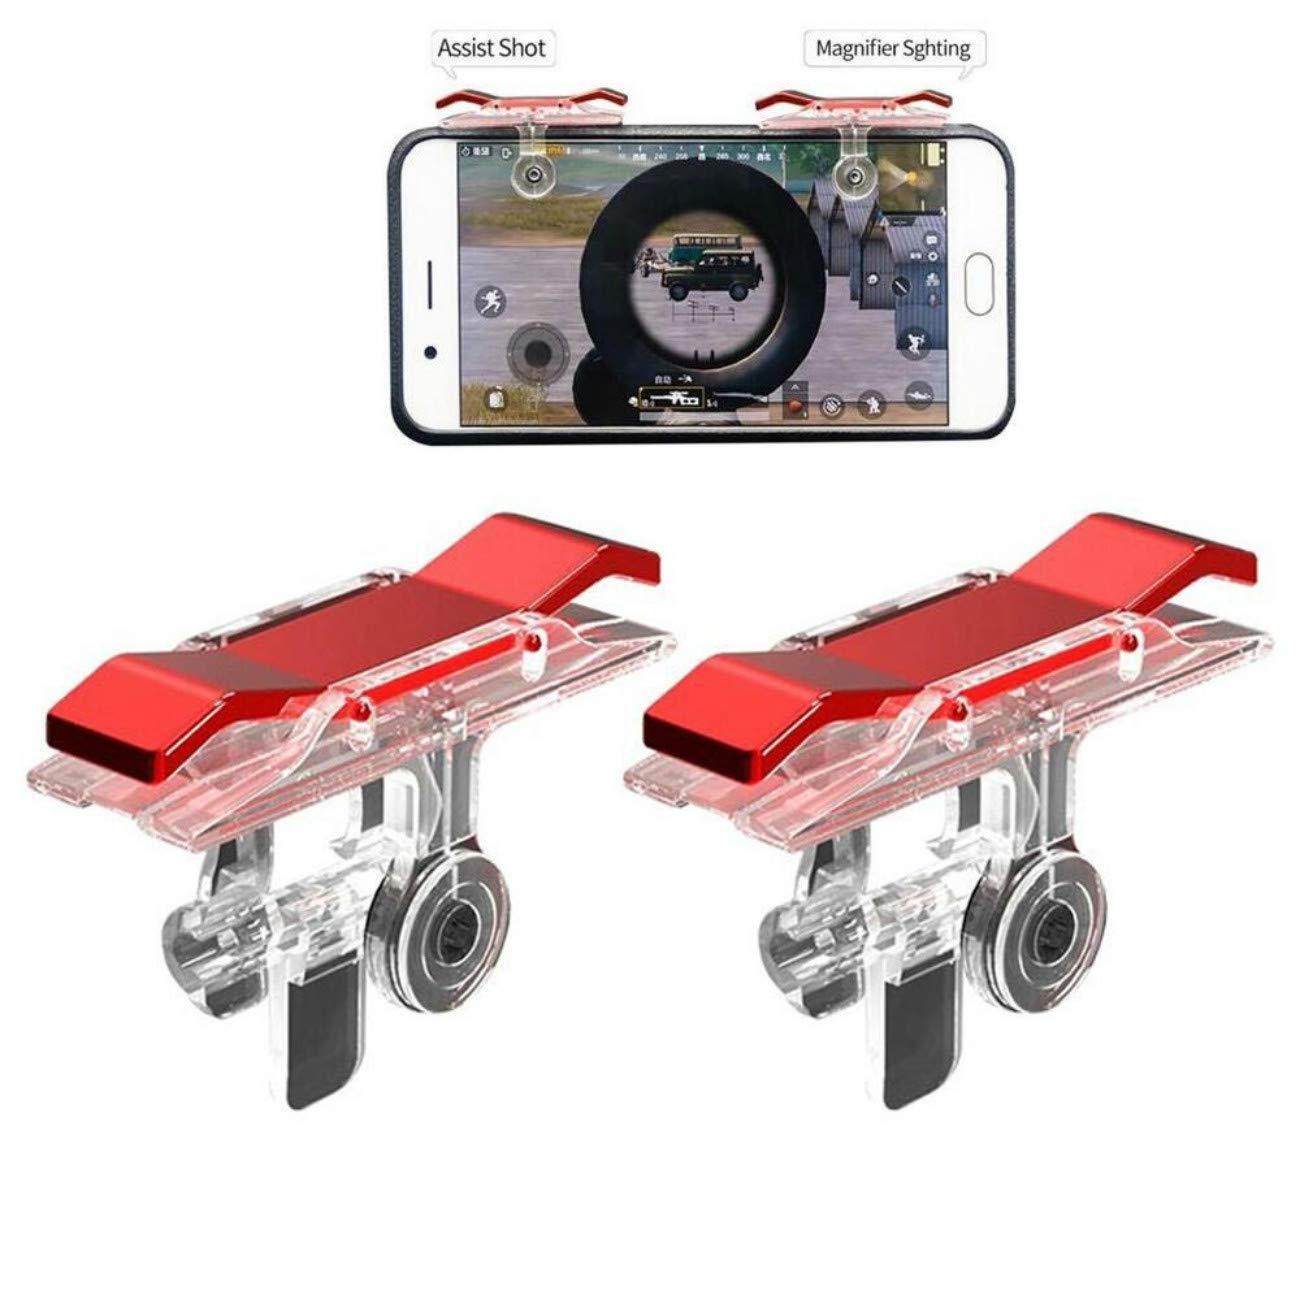 Bộ 2 Nút Chơi Game Pubg Mobile, Ros, Cf Dòng E9 Trong Suốt (Đỏ Hoặc Bạc) 4